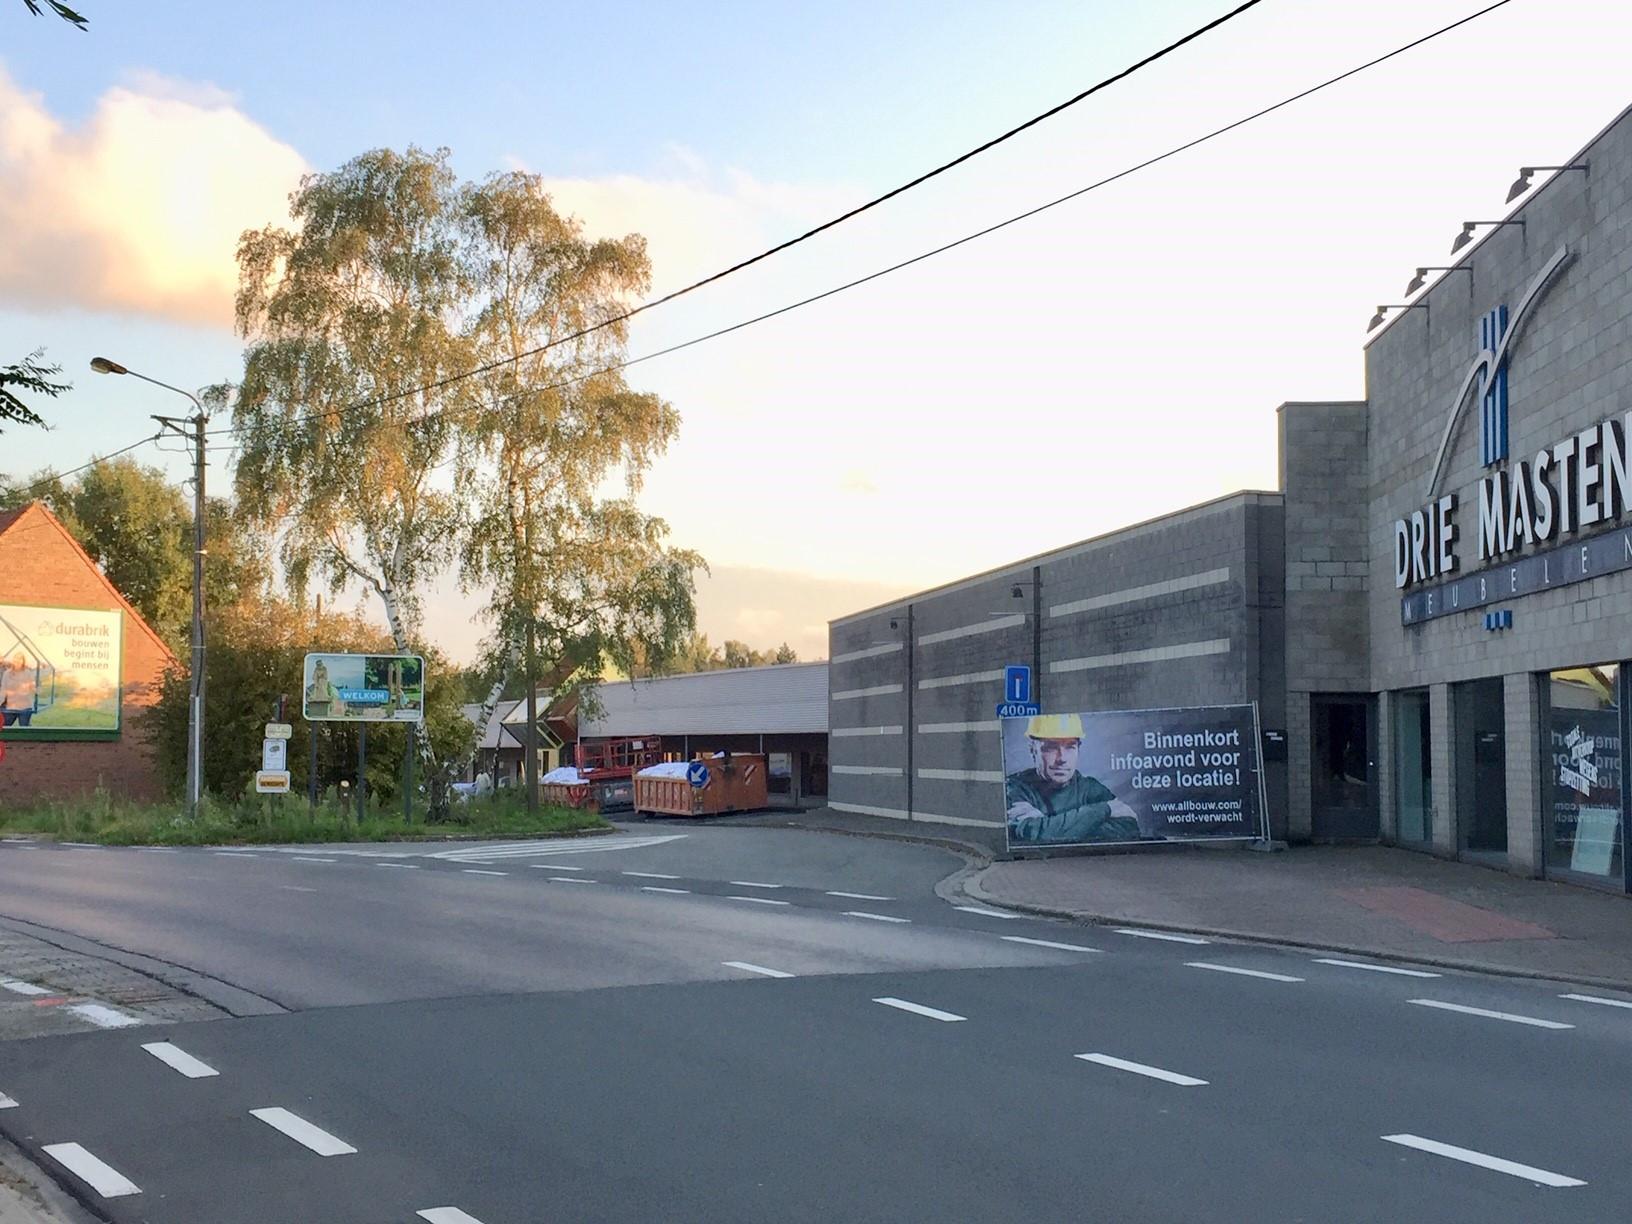 Gullegem bouwgrond loten percelen nieuwbouwwoning nieuwbouw verkaveling